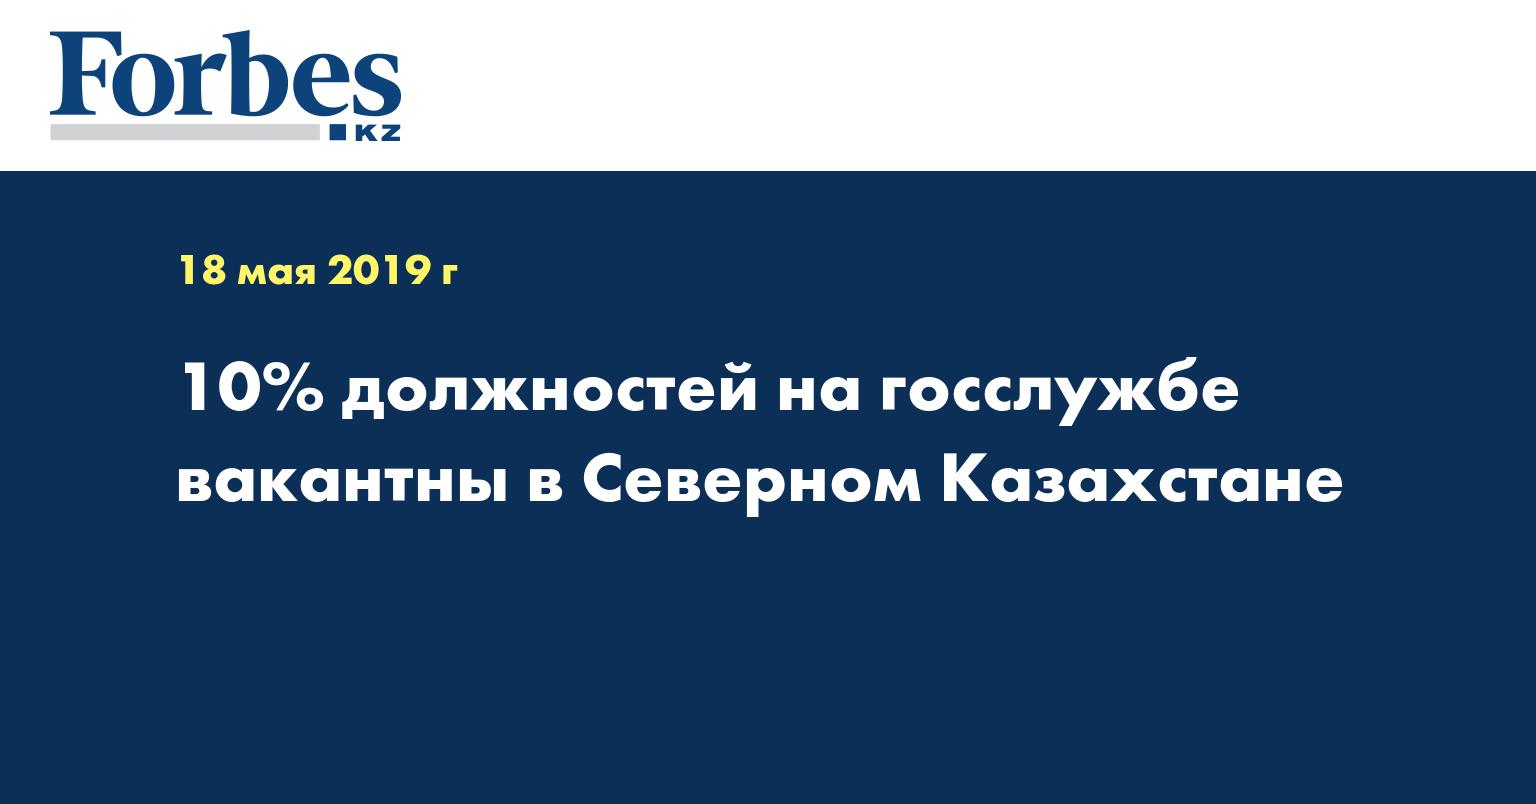 10% должностей на госслужбе вакантны в Северном Казахстане